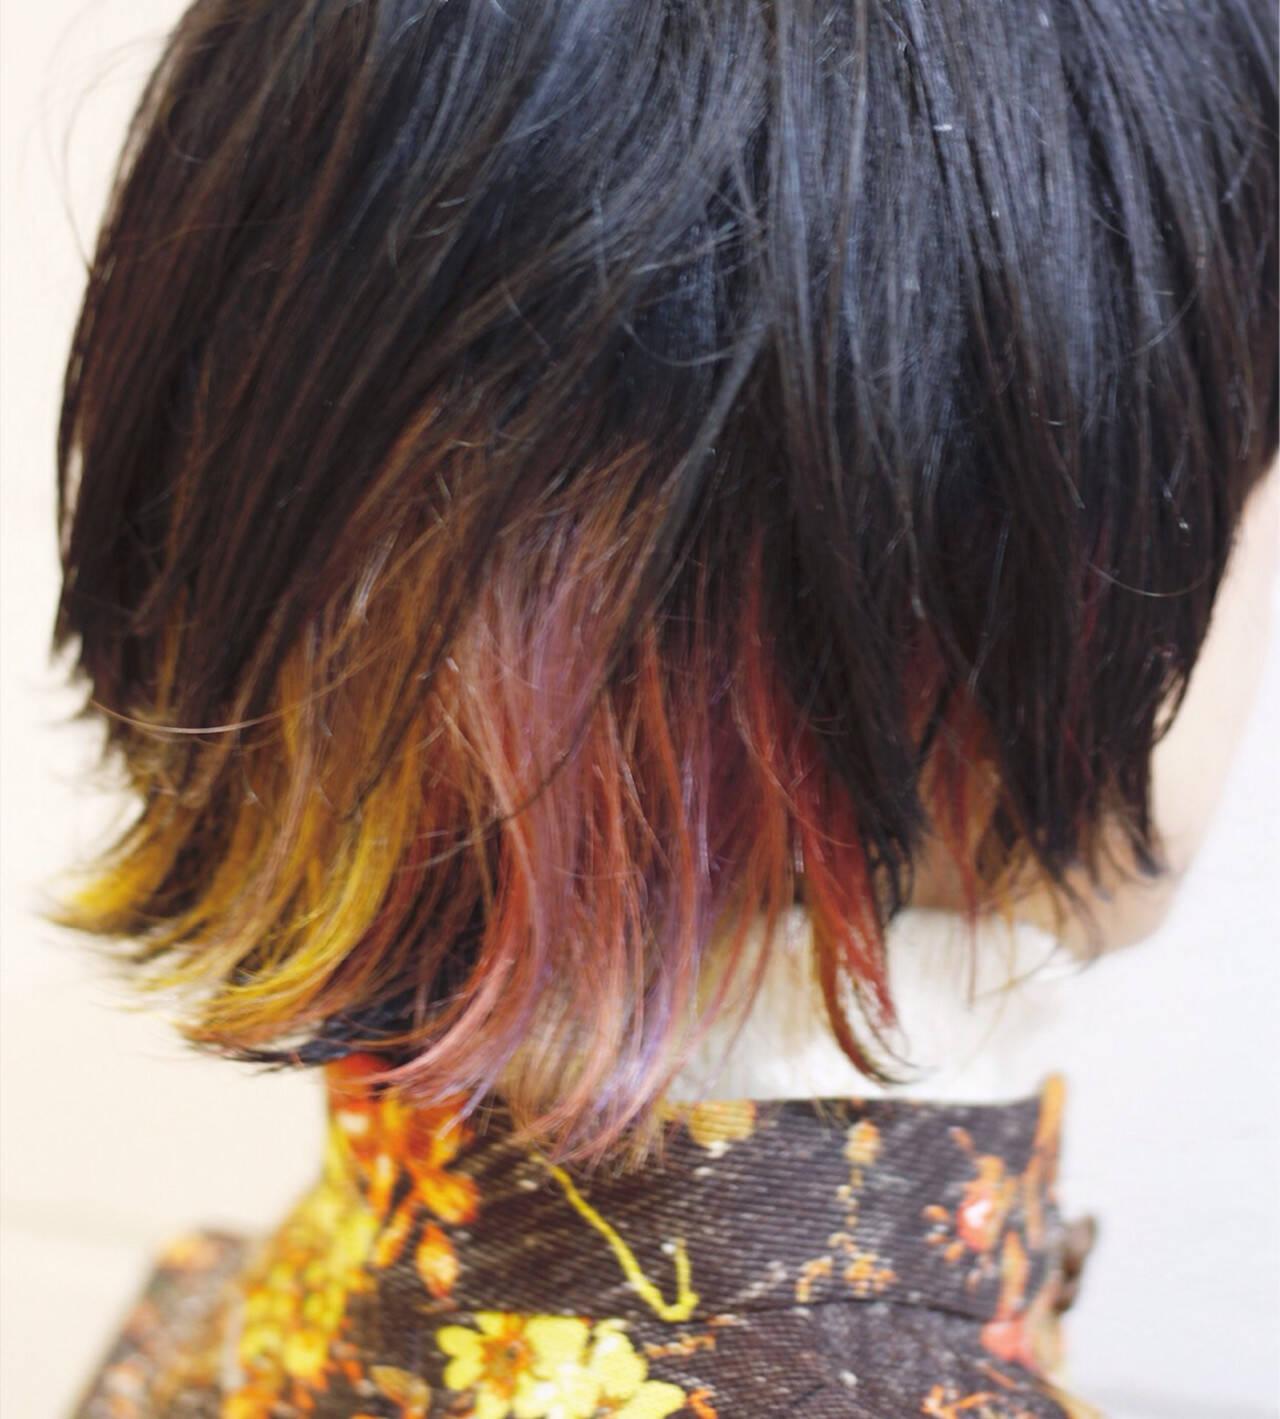 ミディアム ウルフカット カラフルカラー ストリートヘアスタイルや髪型の写真・画像